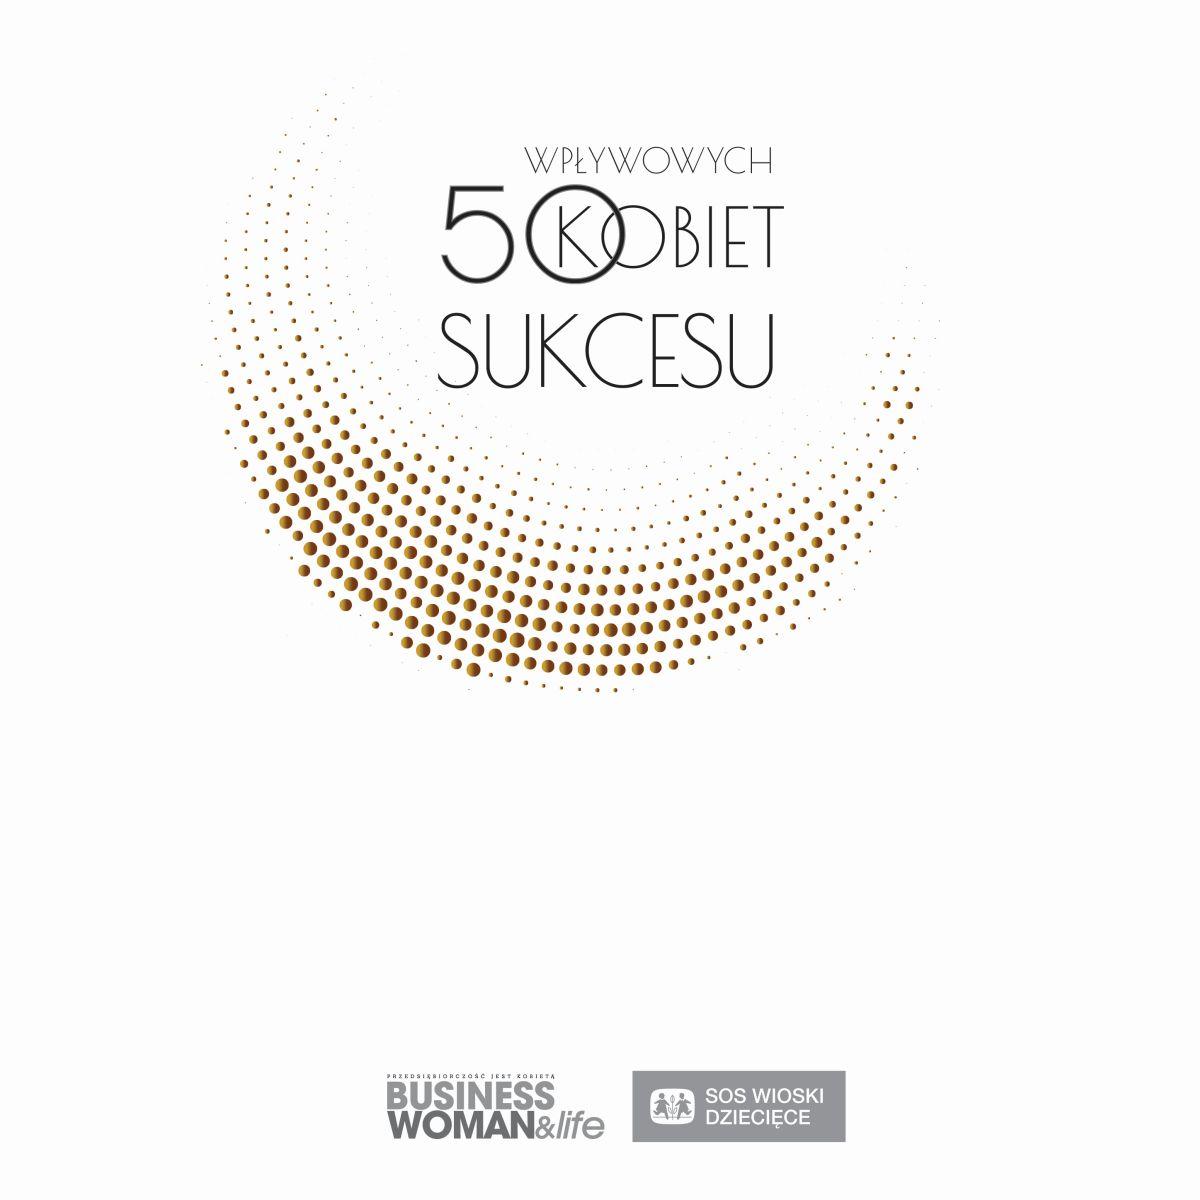 """Redakcja magazynu Businesswoman & life przygotowała inspirującą książkę o przedsiębiorczych kobietach """"50 Wpływowych Kobiet Sukcesu"""""""